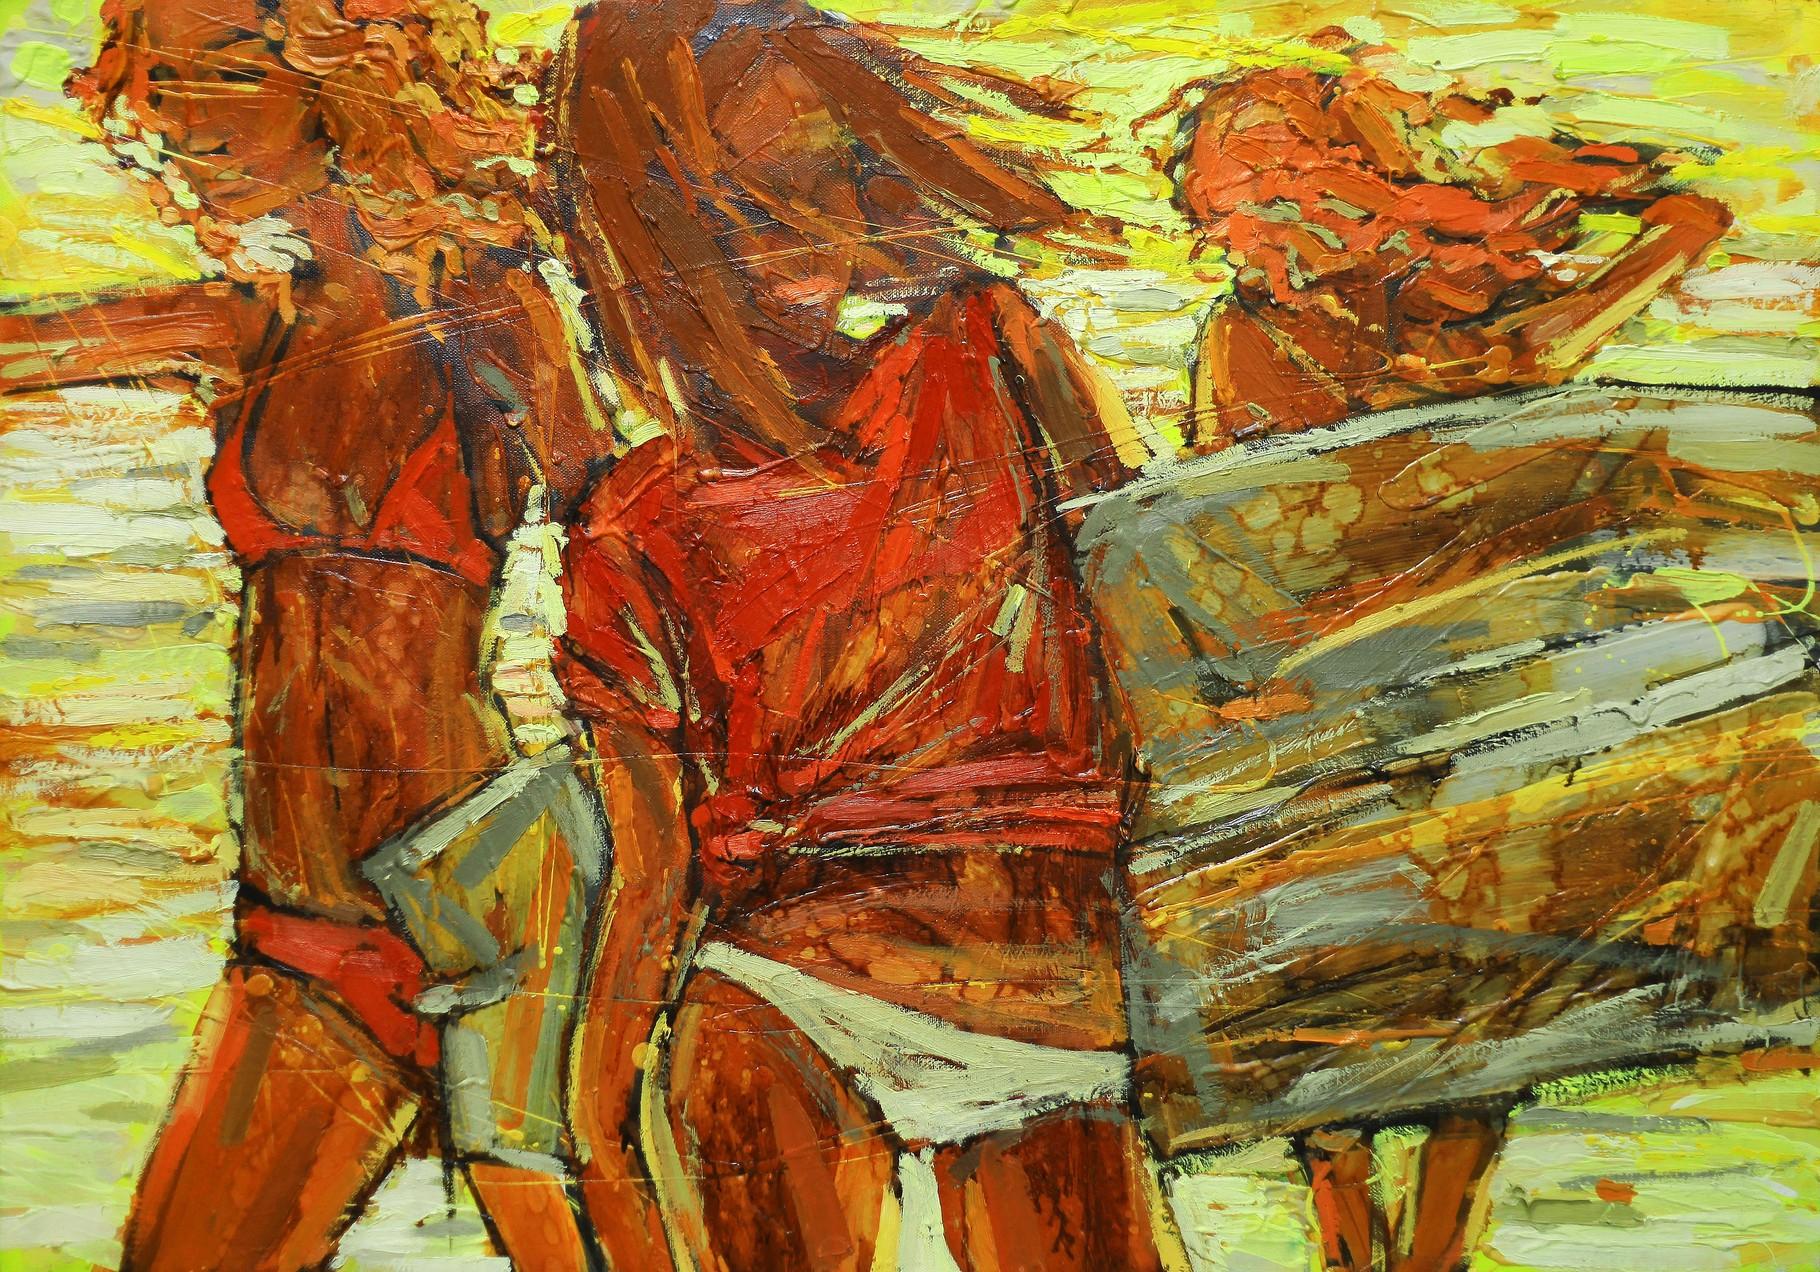 К. Поединщикова.     Серфинг–1.     2014 г.      Холст, масло.      70х90 см.